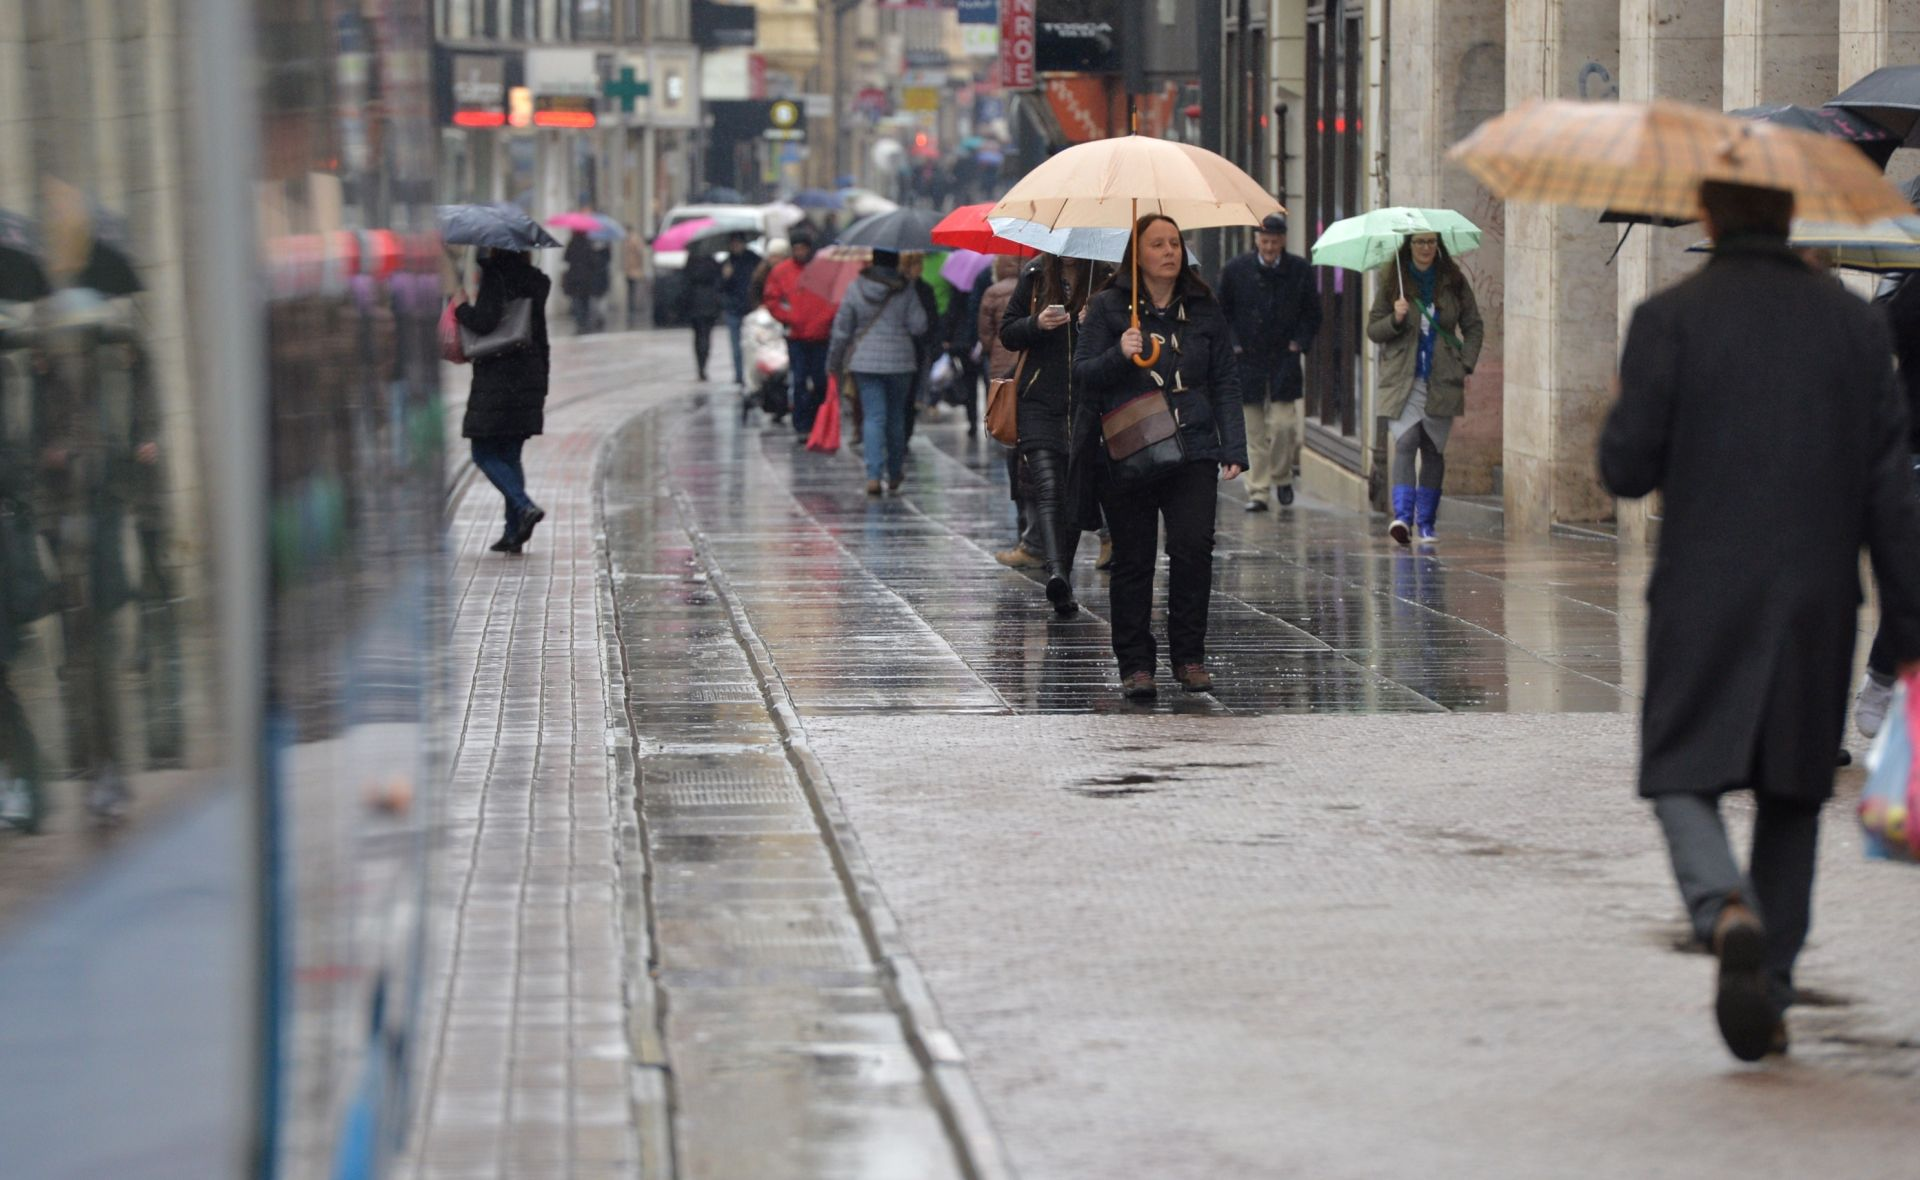 PROMJENA VREMENA: Povratak kiše, na Jadranu pljuskovi i grmljavina, snijeg u Gorskome kotaru